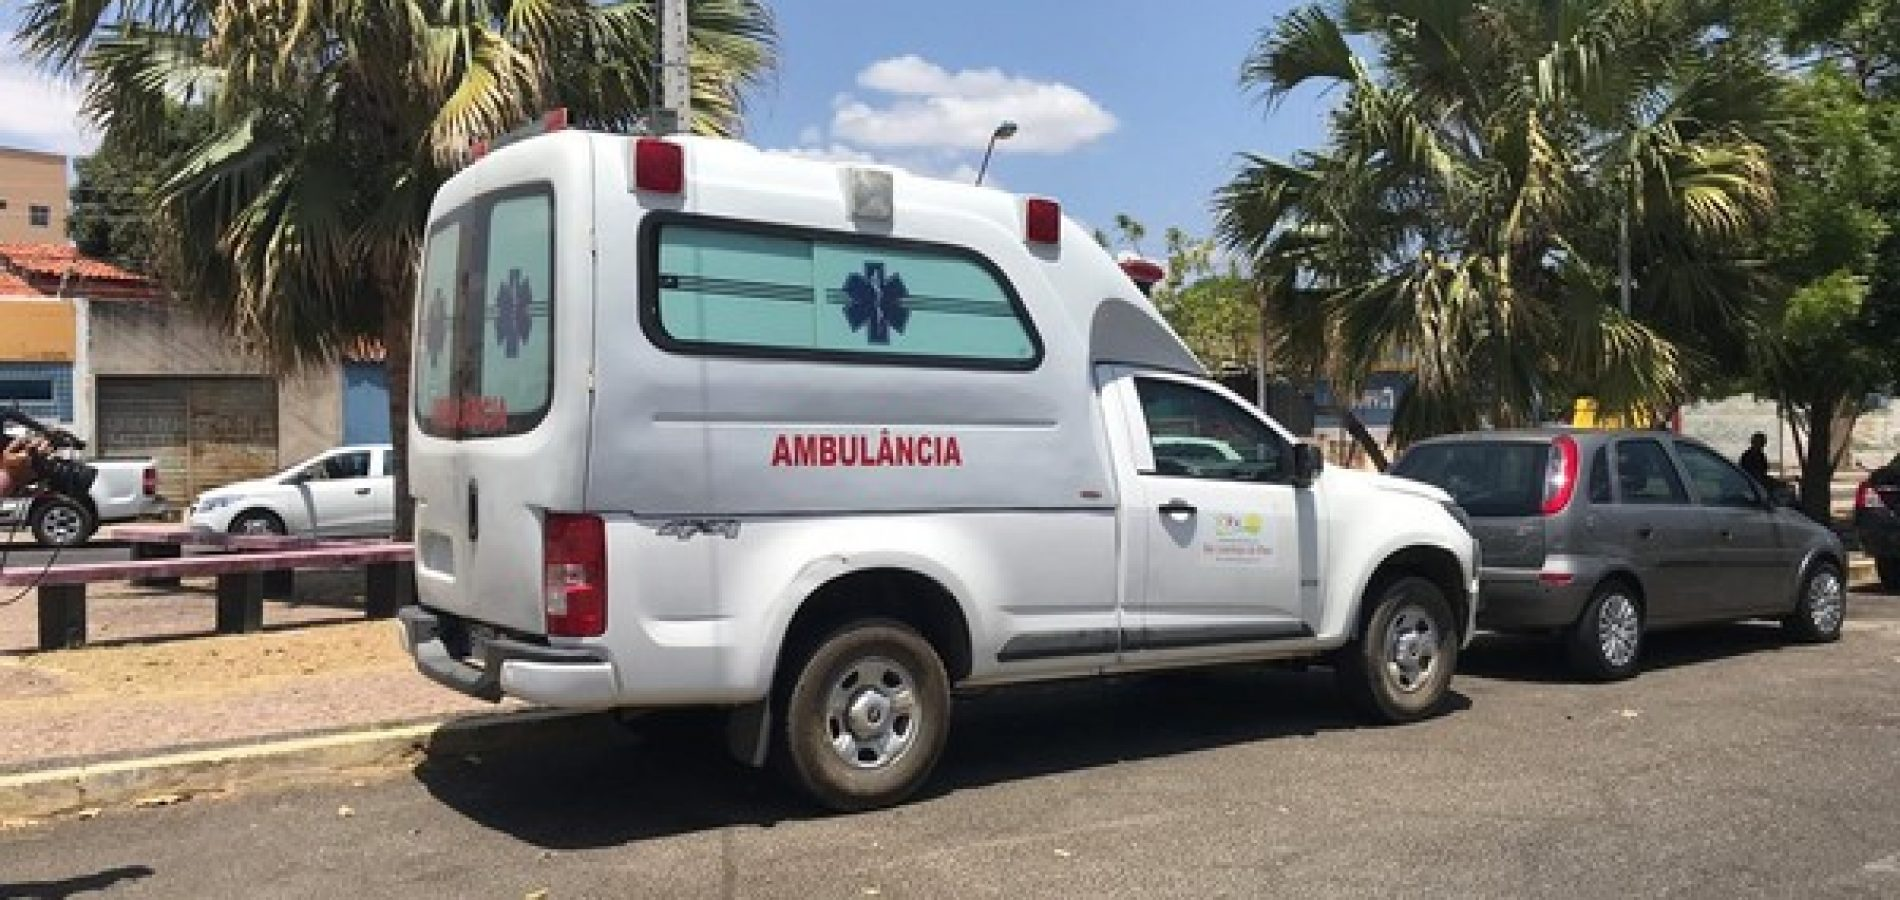 Ambulância de Prefeitura do Piauí é apreendida com placa adulterada e sem licenciamento